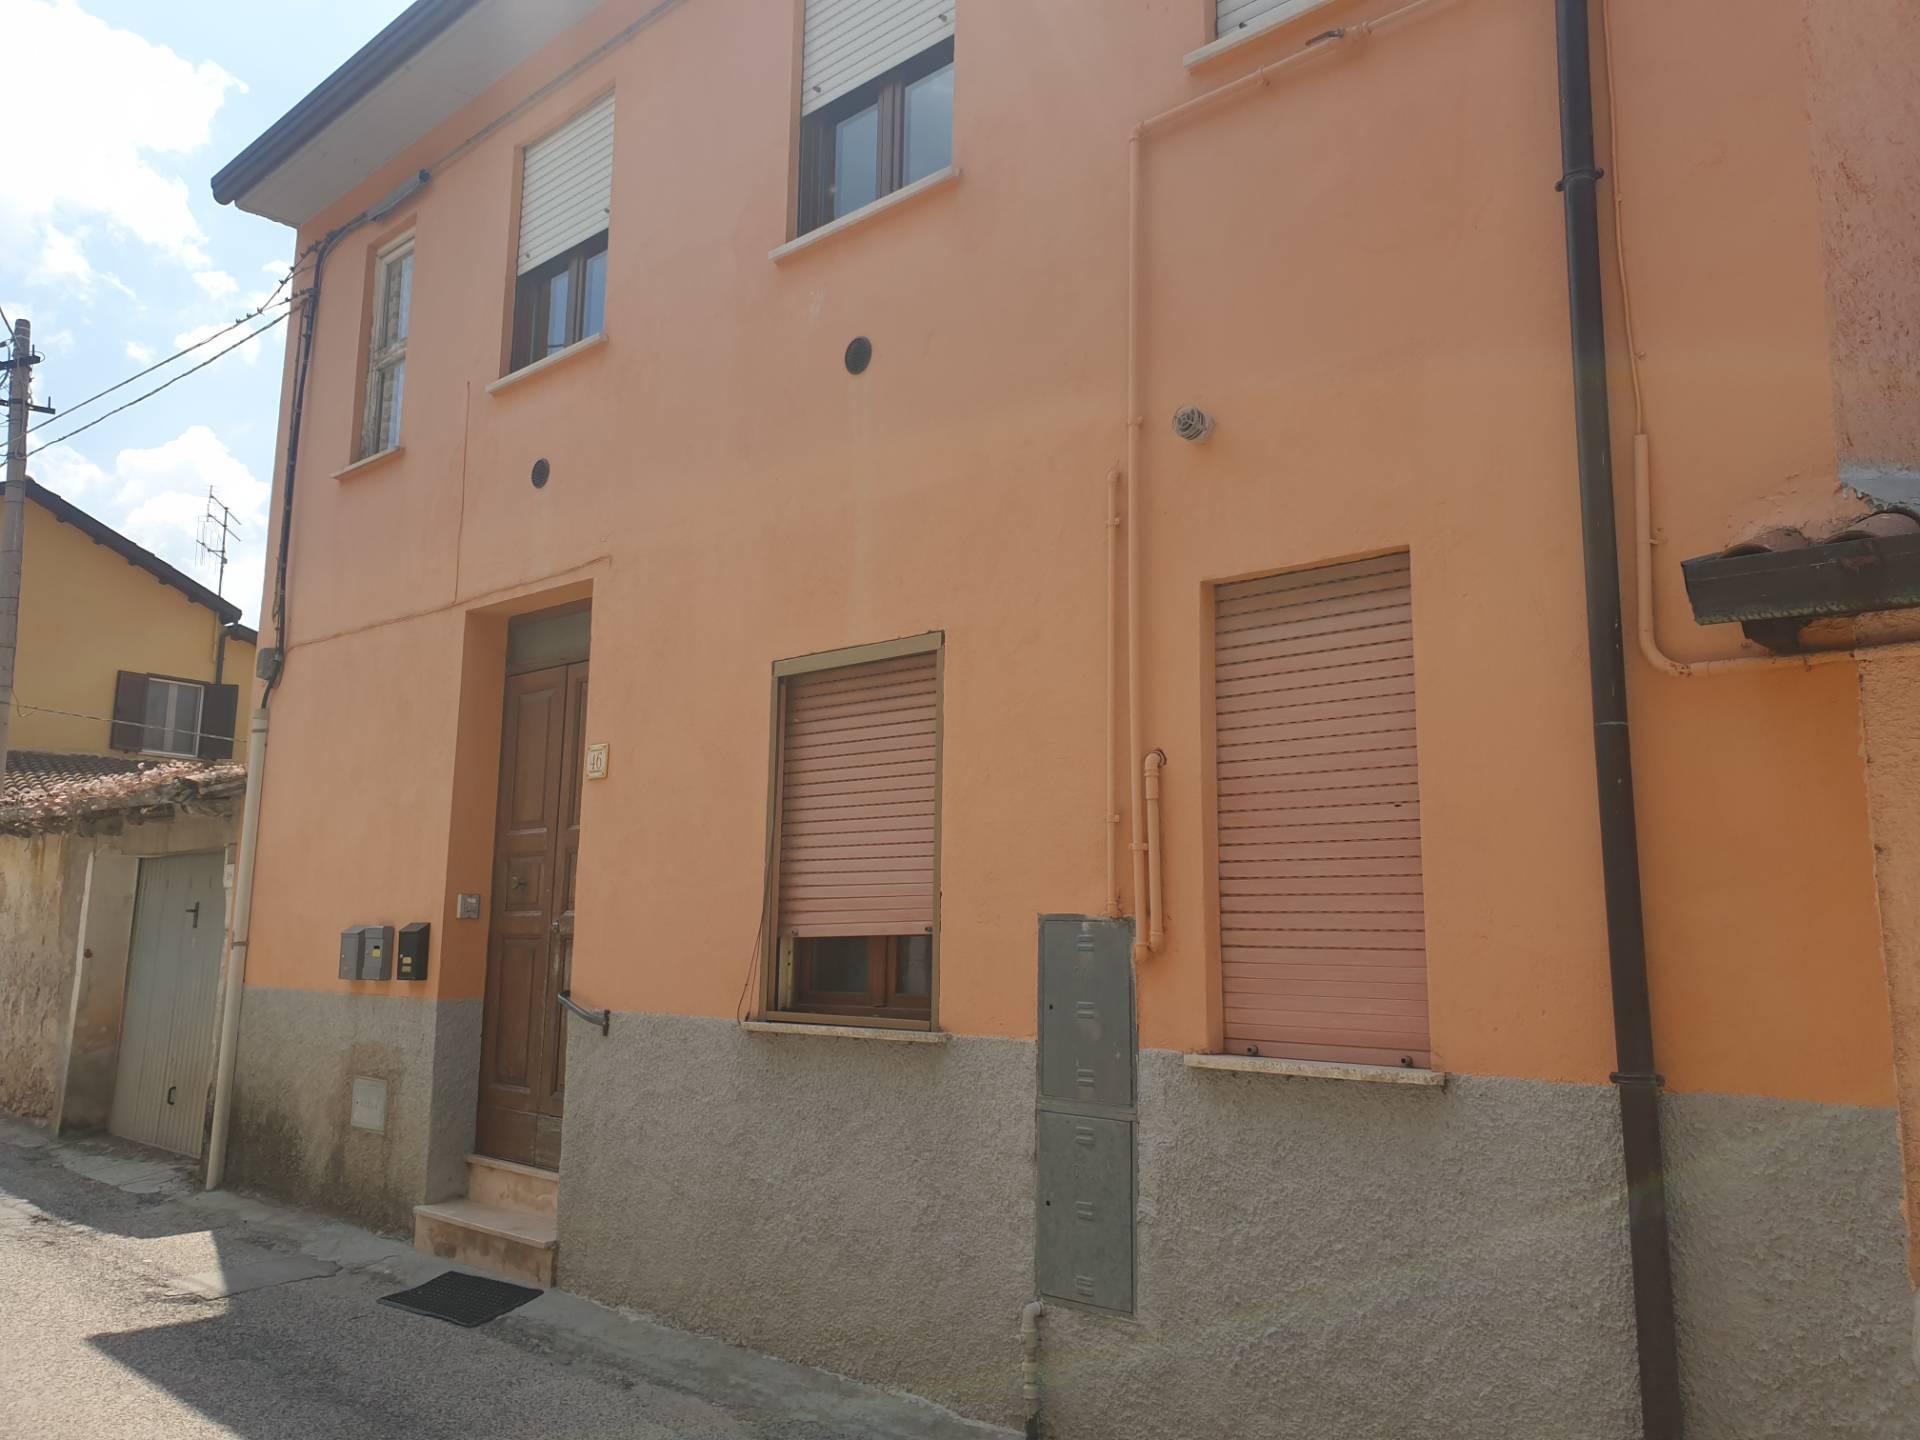 Appartamento in affitto a Pizzoli, 3 locali, zona Località: MarruciSanLorenzodiPizzoli, prezzo € 58.000 | CambioCasa.it